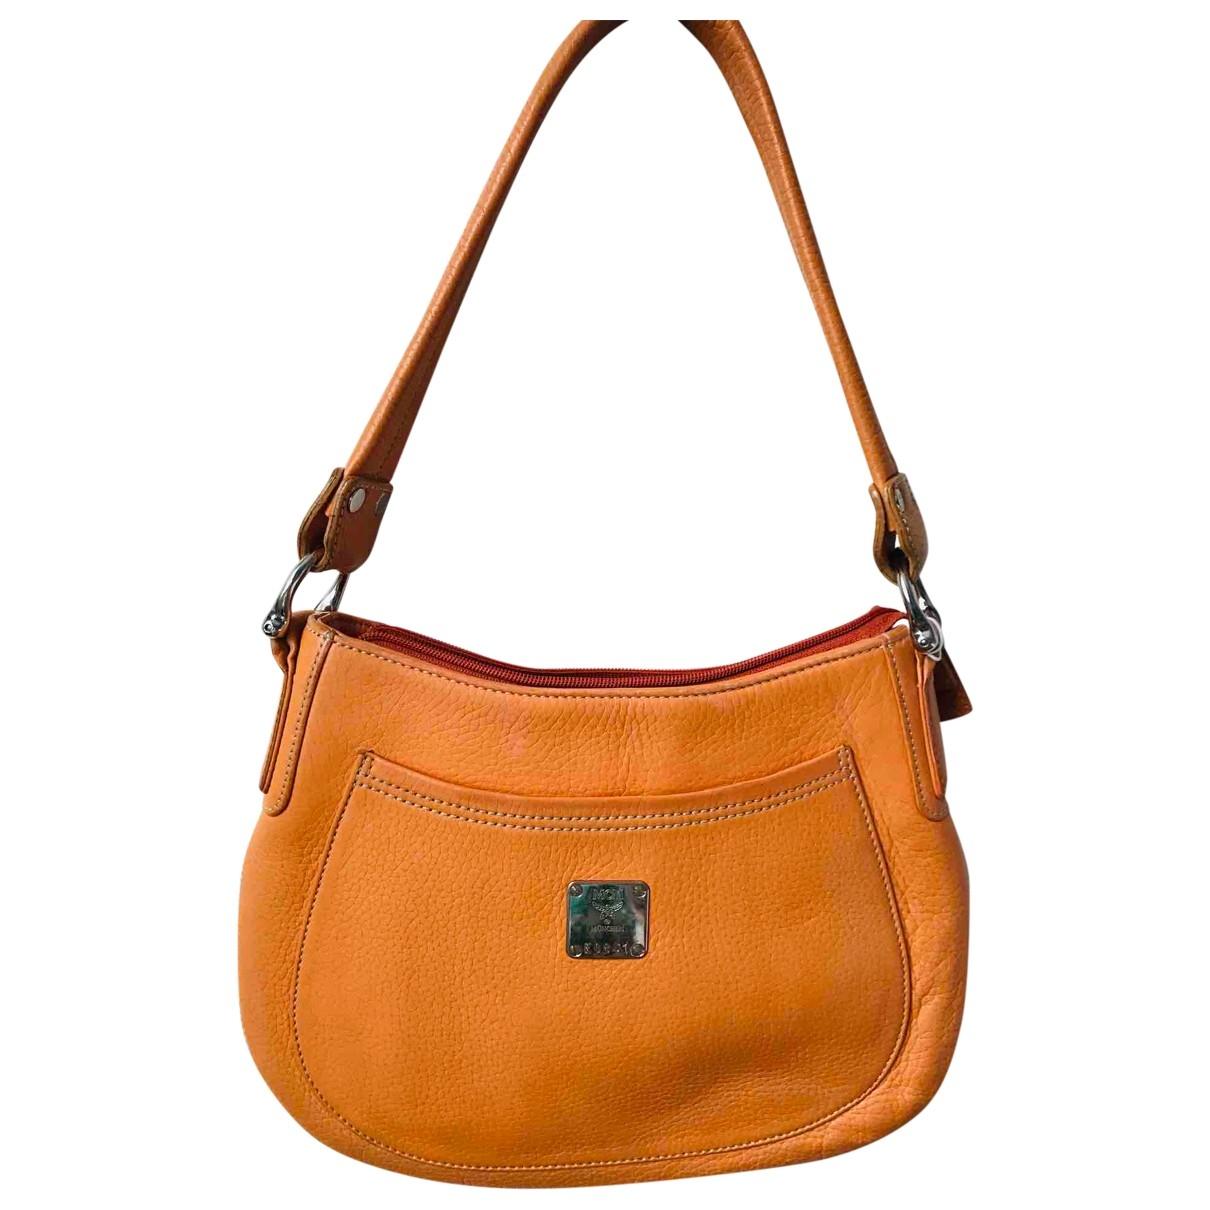 Mcm \N Handtasche in  Orange Leder